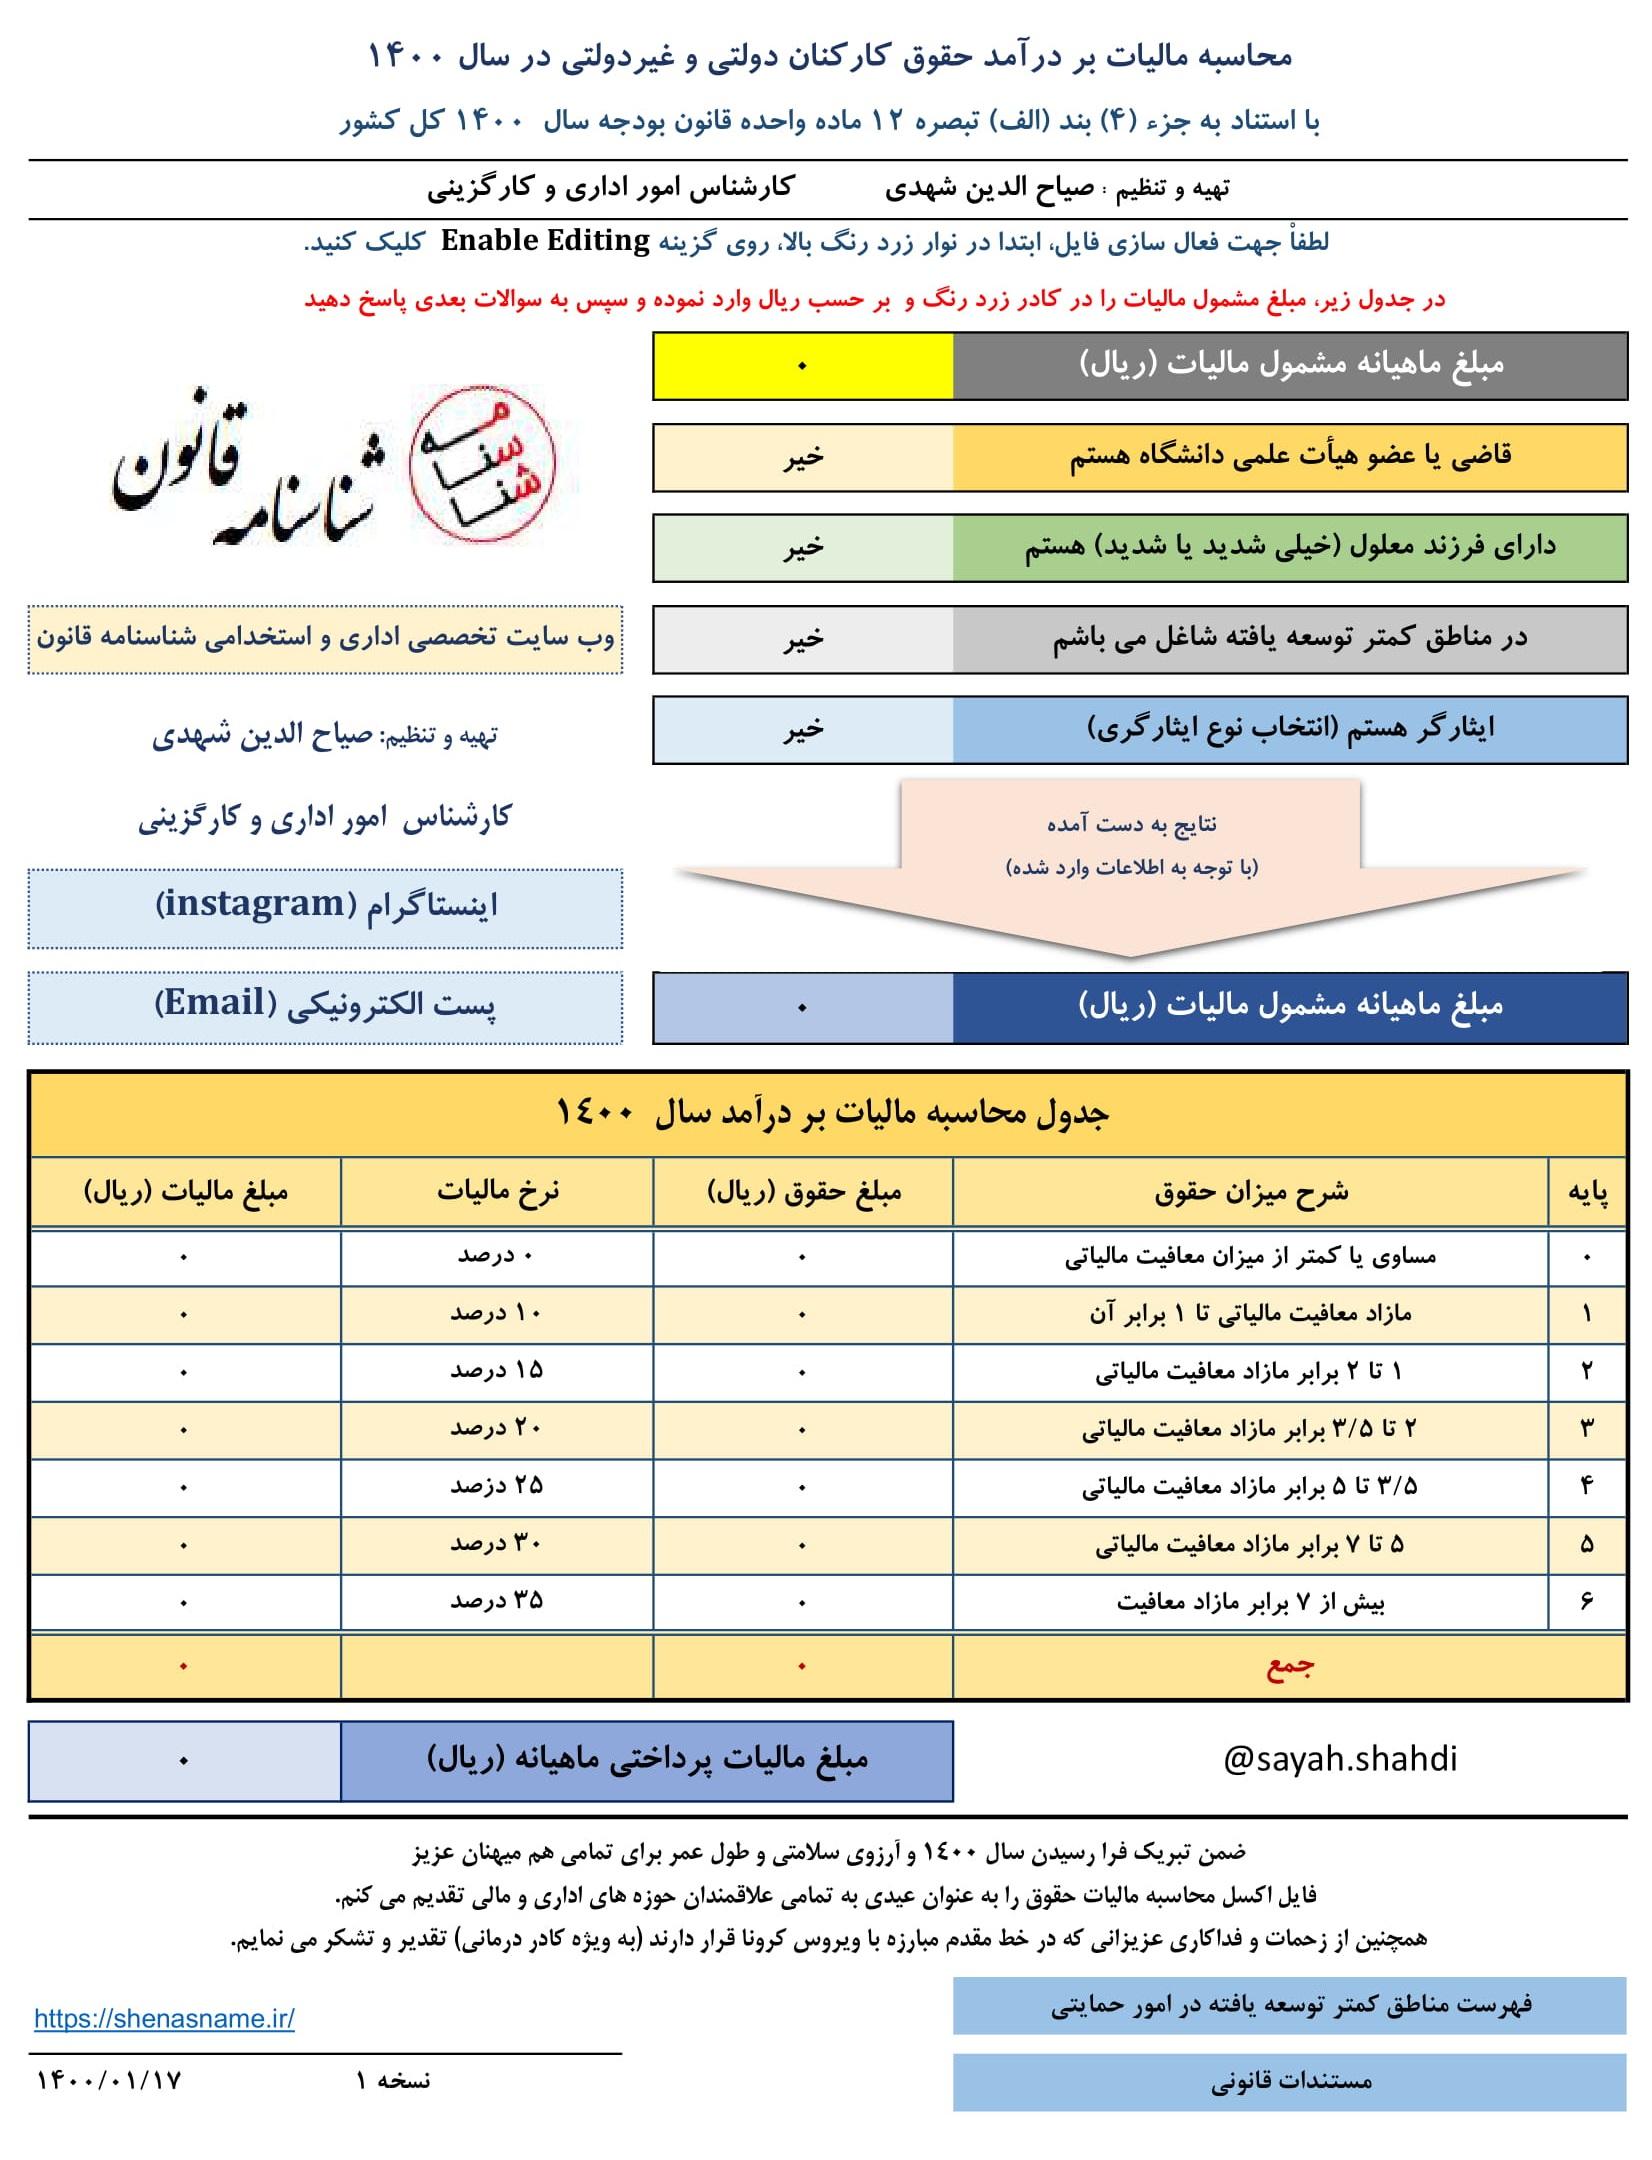 اکسل محاسبه مالیات حقوق 1400